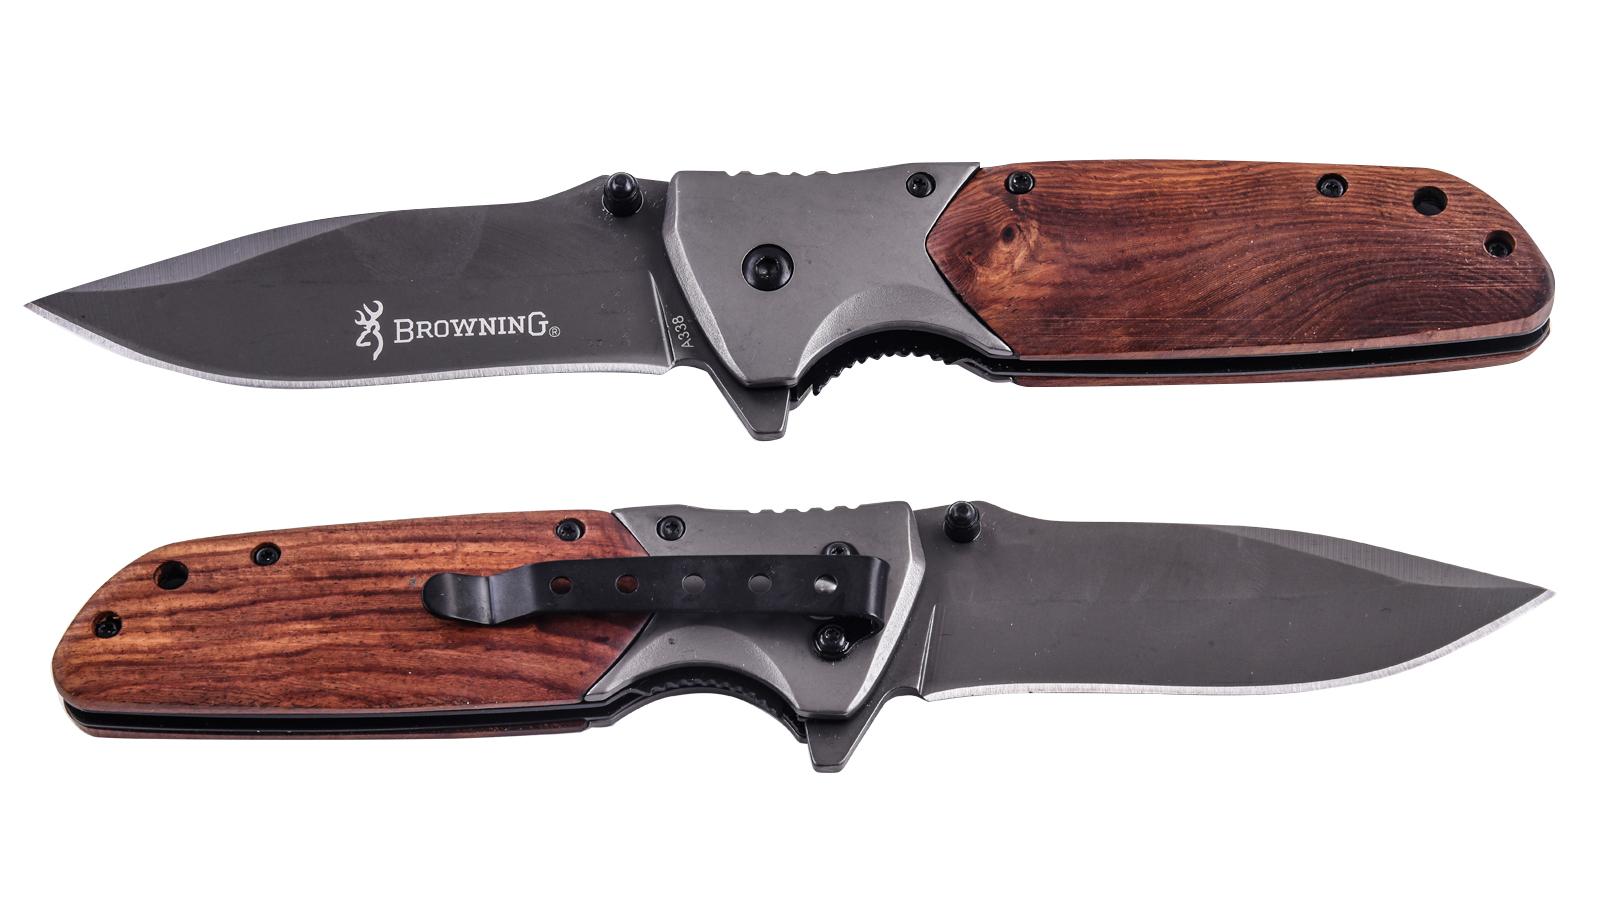 Складной туристический нож Browning A338 по лучшей цене